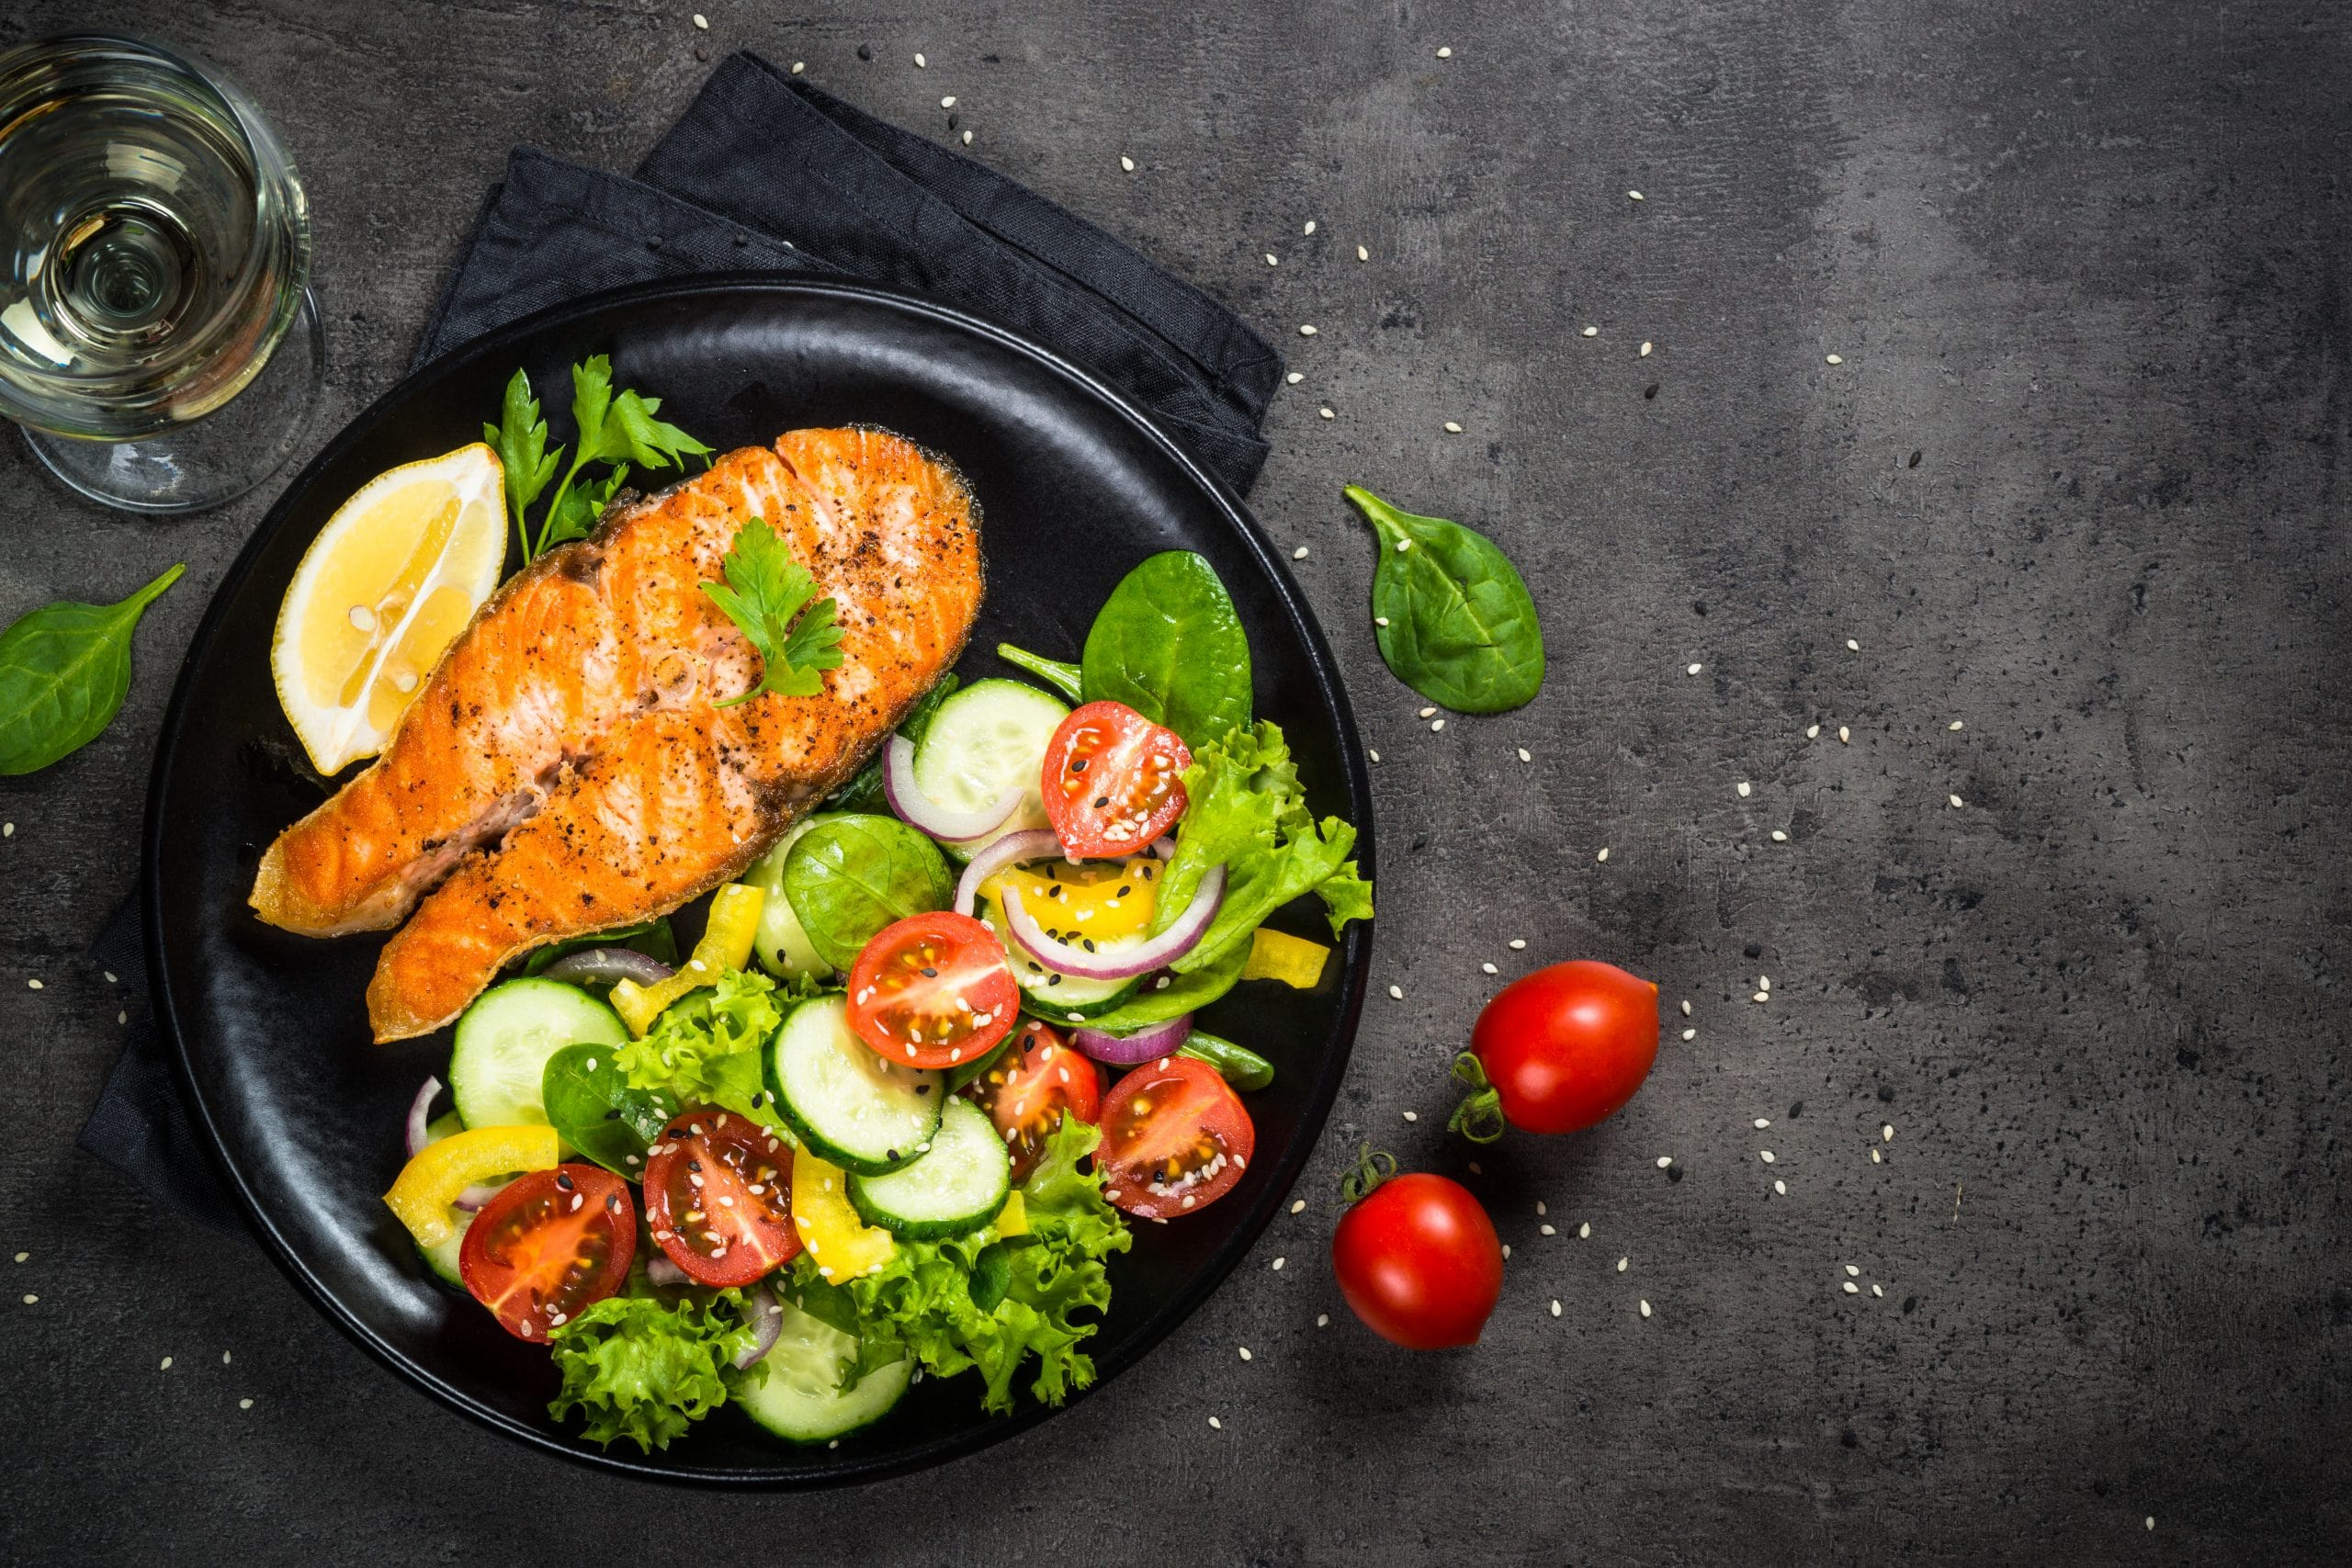 What is the methuselah diet?